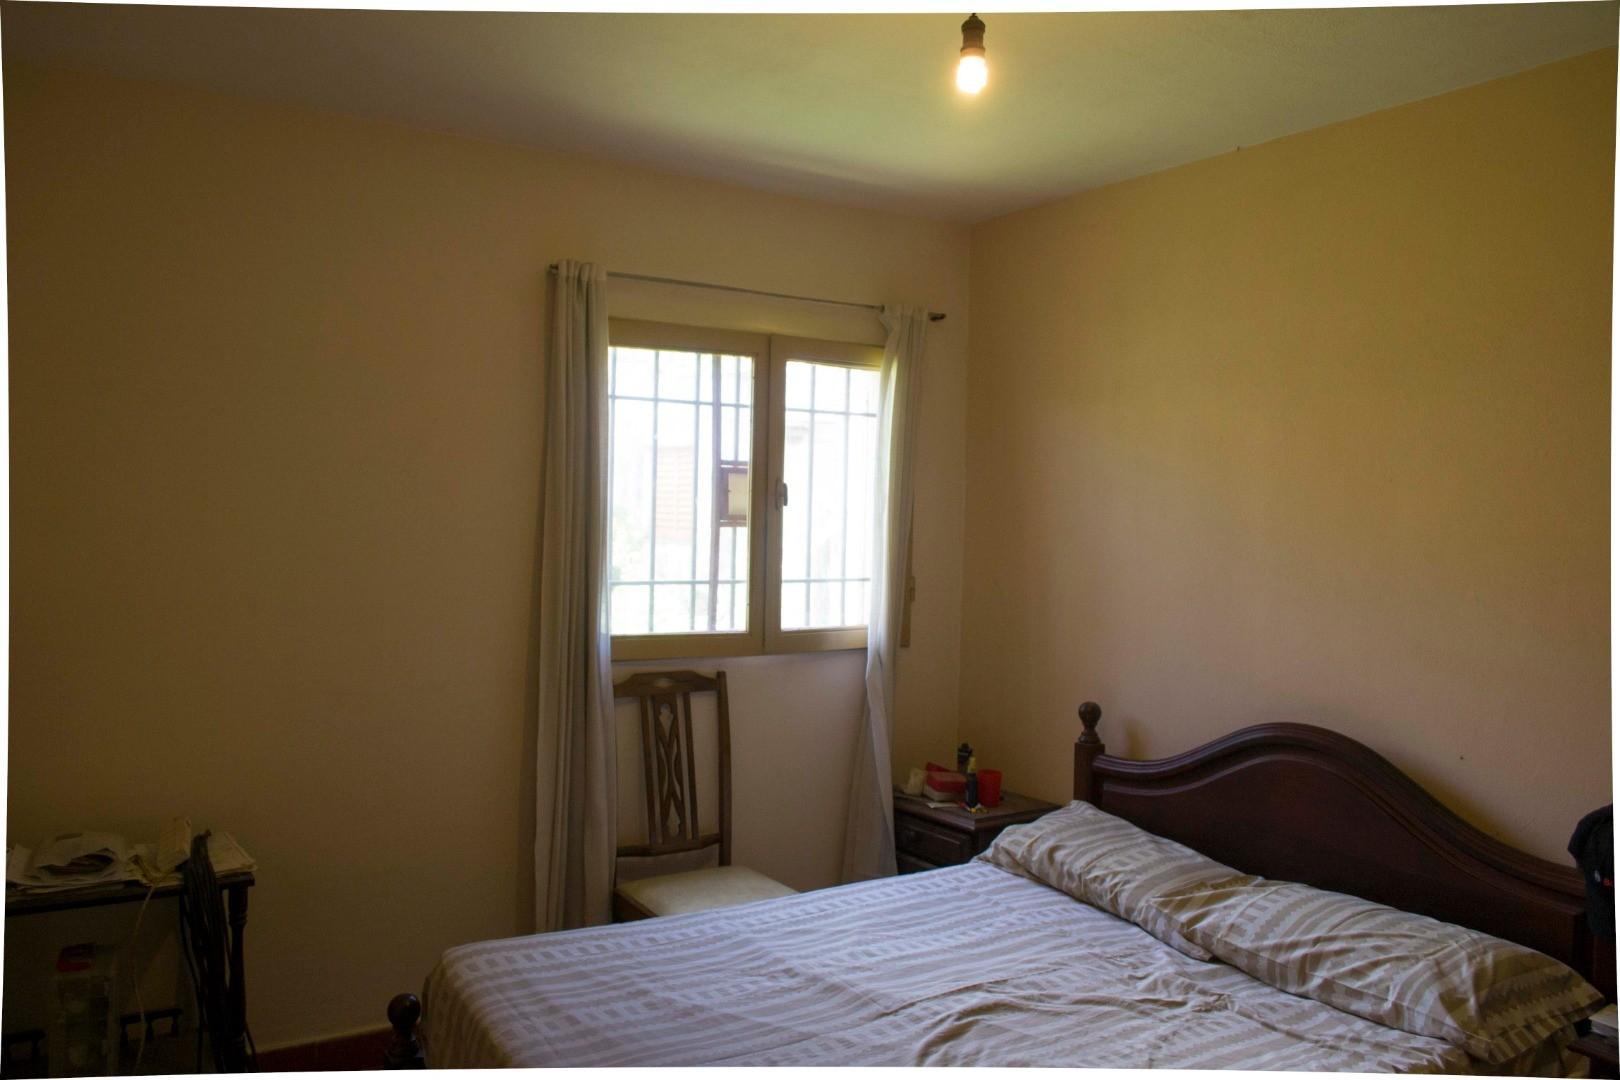 Casa - 130 m²   4 dormitorios   2 baños